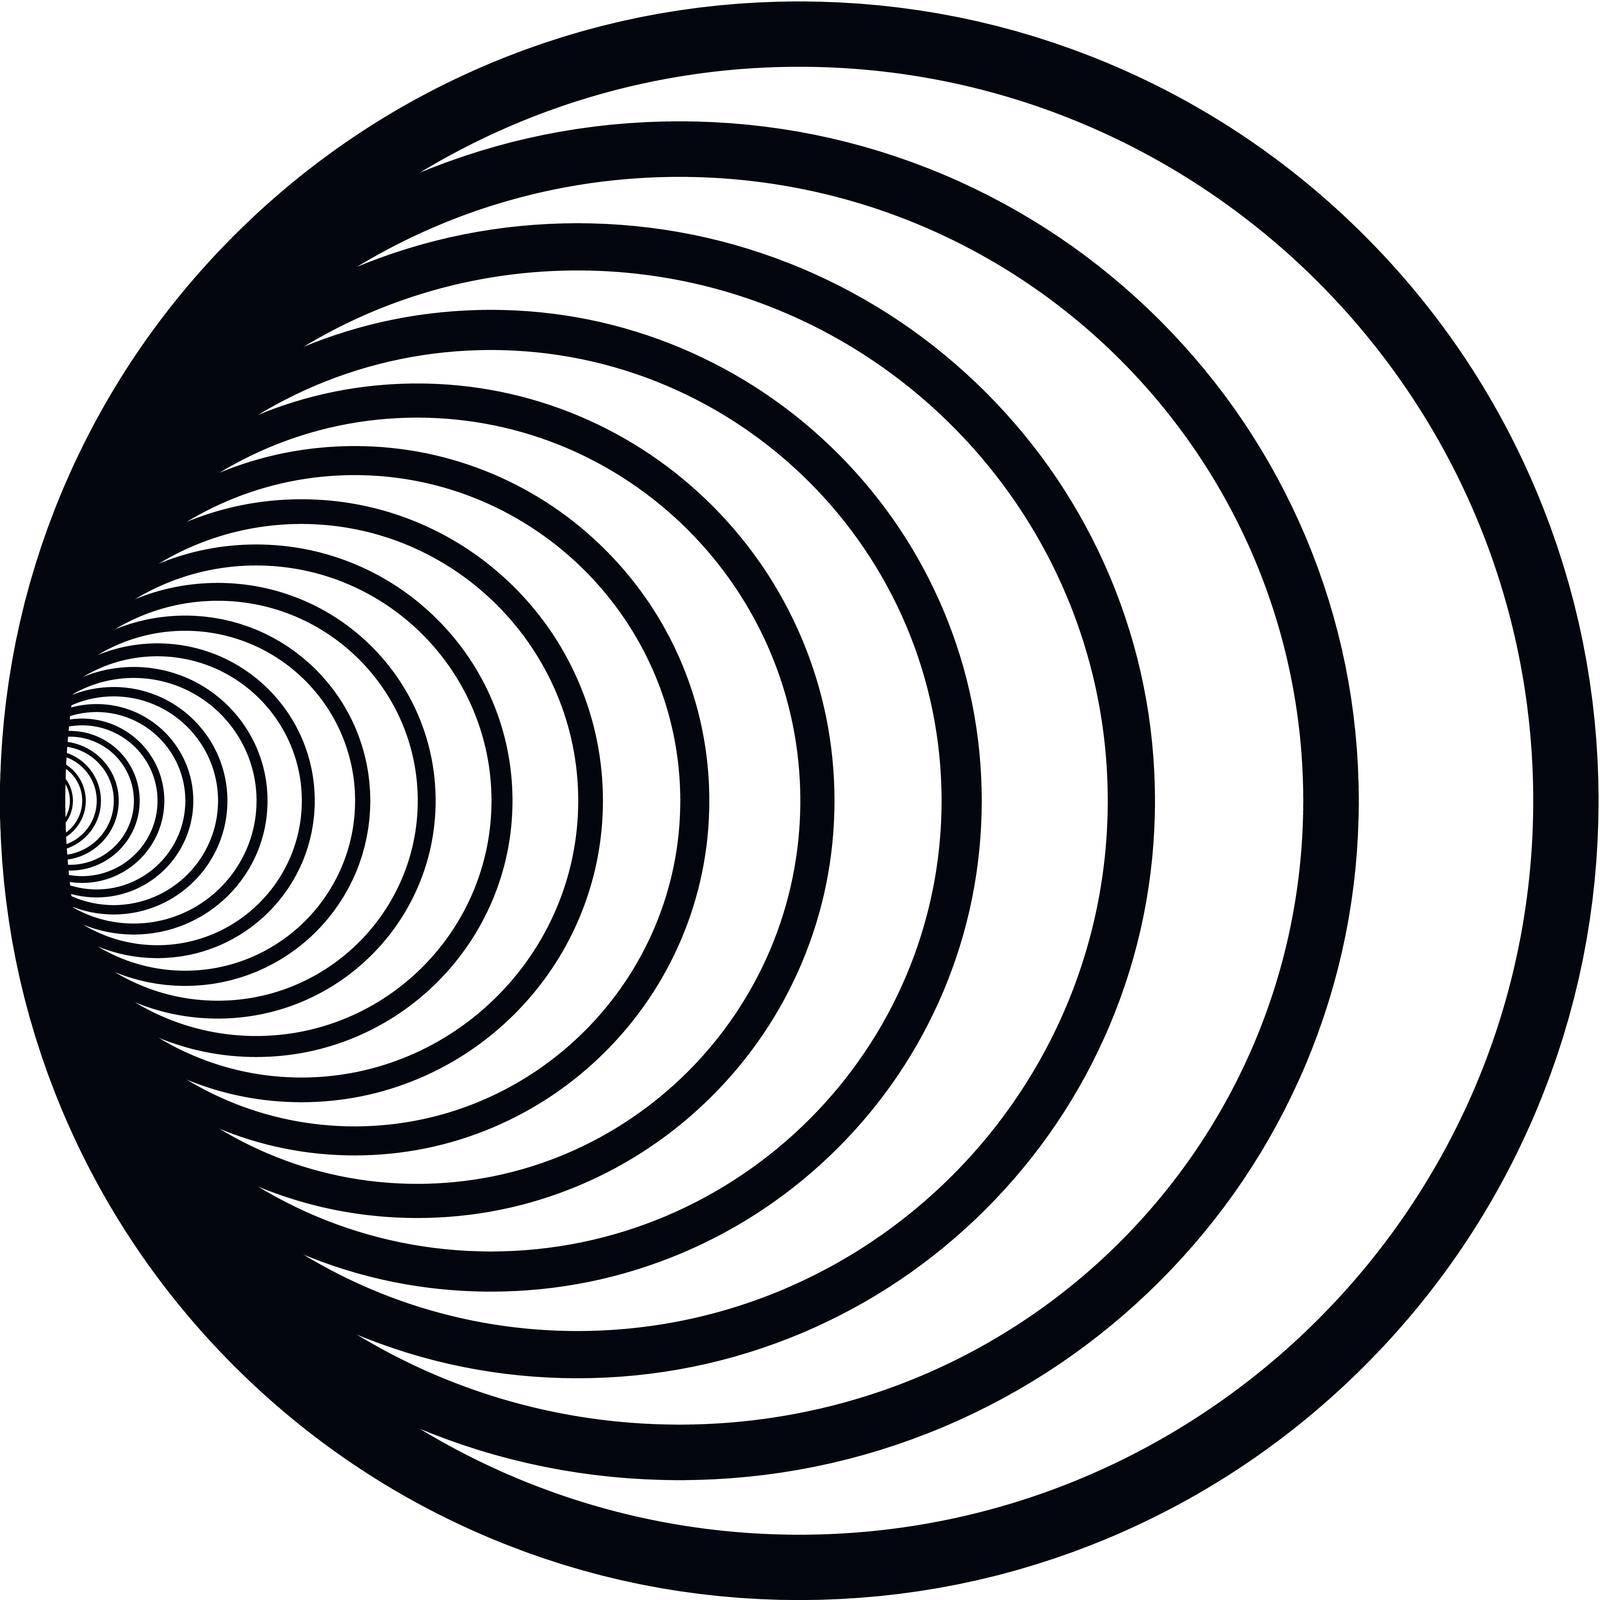 Nordic ethnic circular pattern by koksikoks